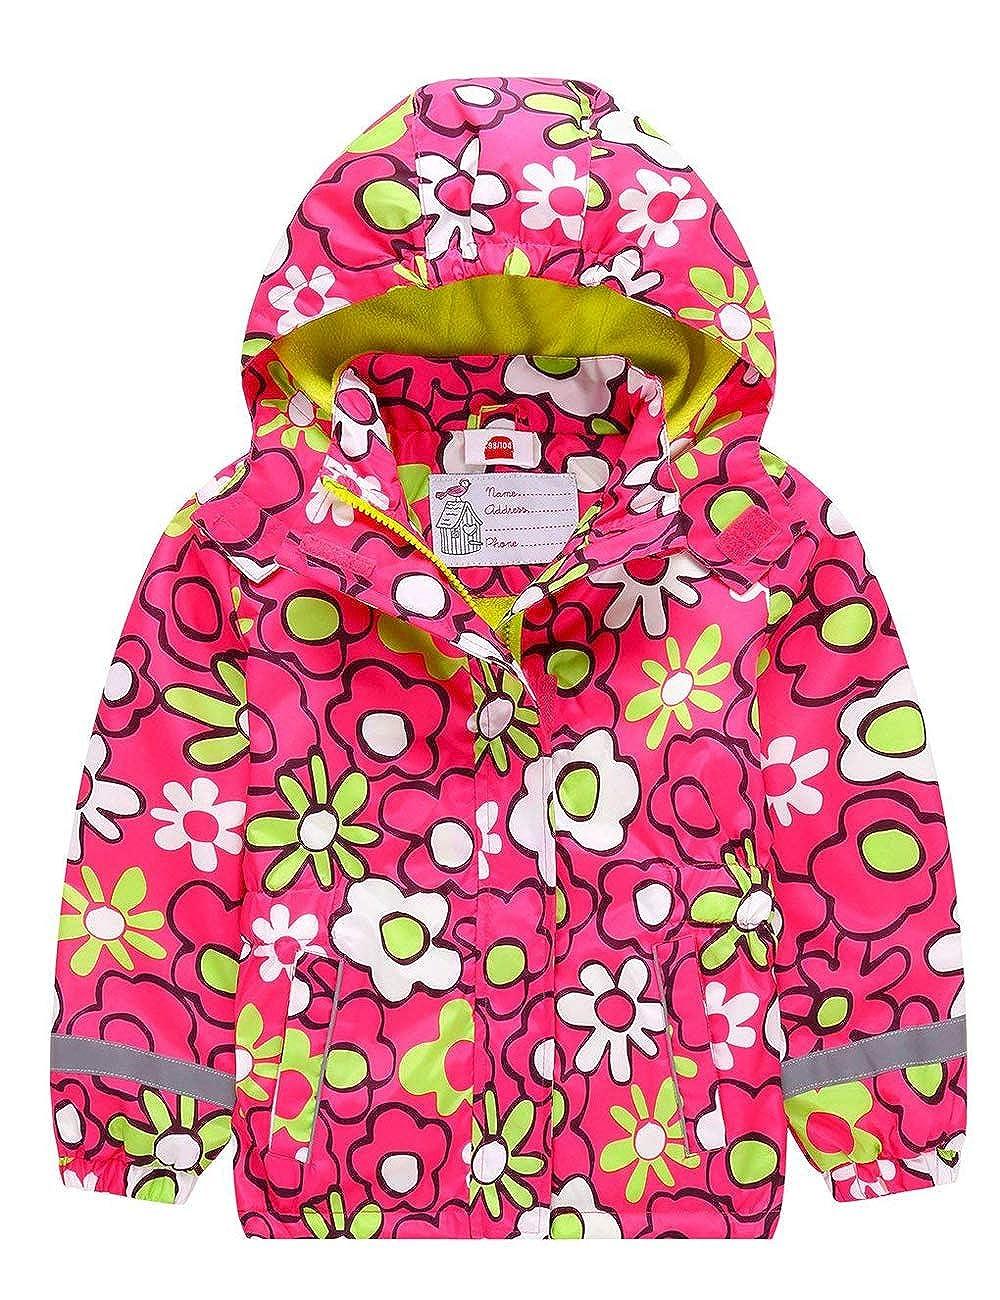 BUYKUD Kids Girls' Raincoat Fleece Lined Windproof Water Resistant Rain Jacket with Hood BUYKUD INC.